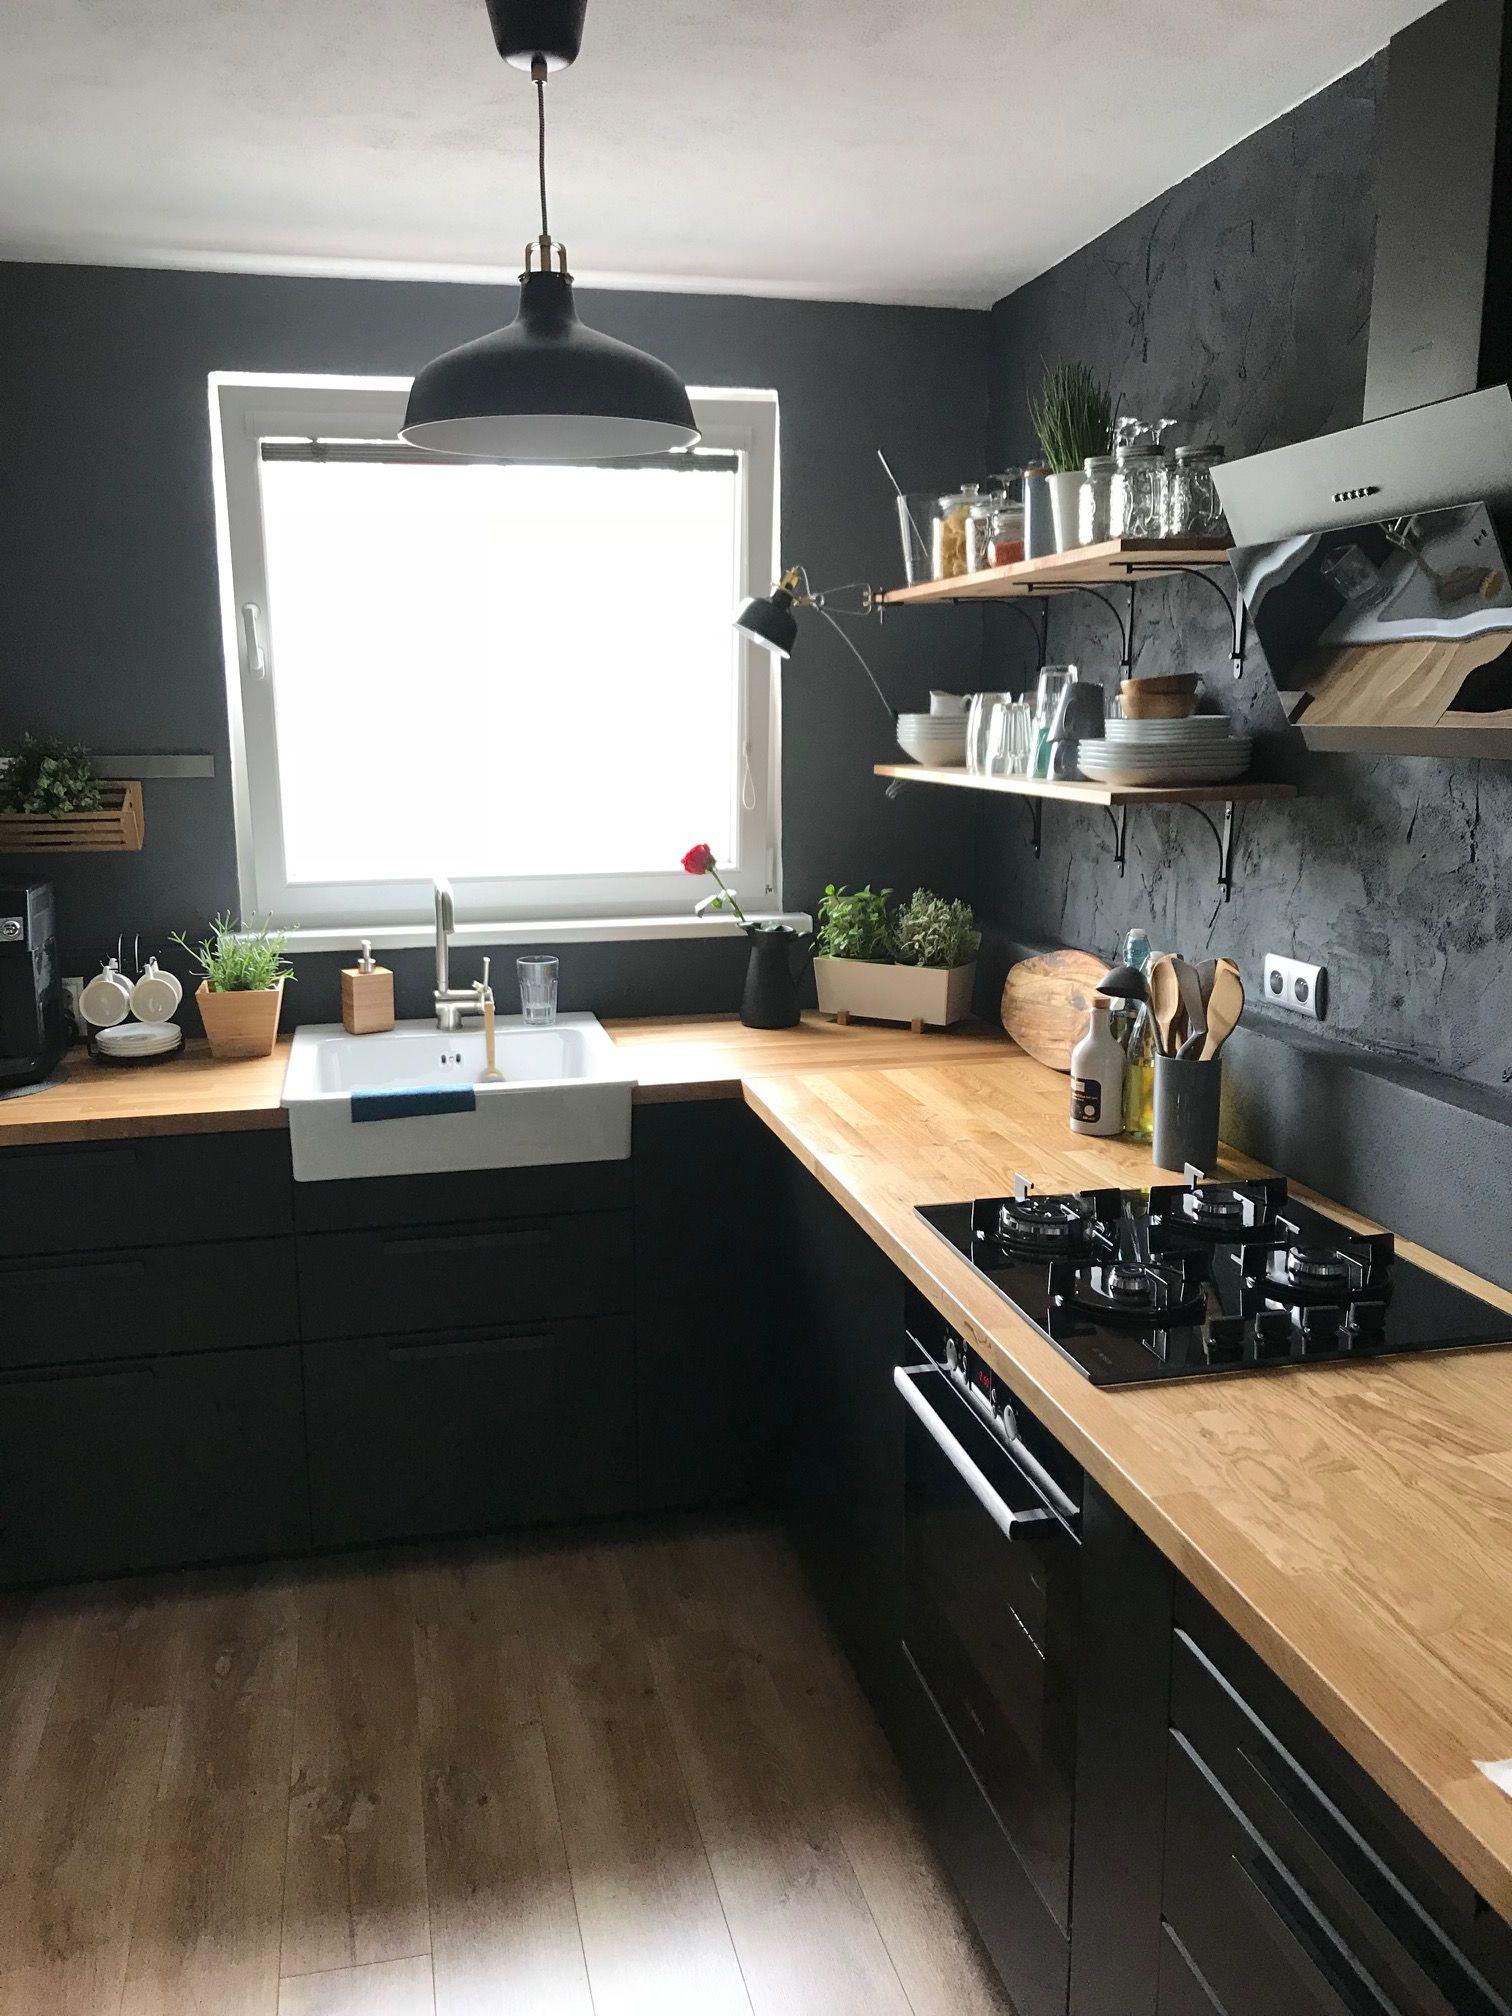 Kungsbacka Kitchen Alesovci Kitchen Interior Kitchen Design Small Kitchen Design